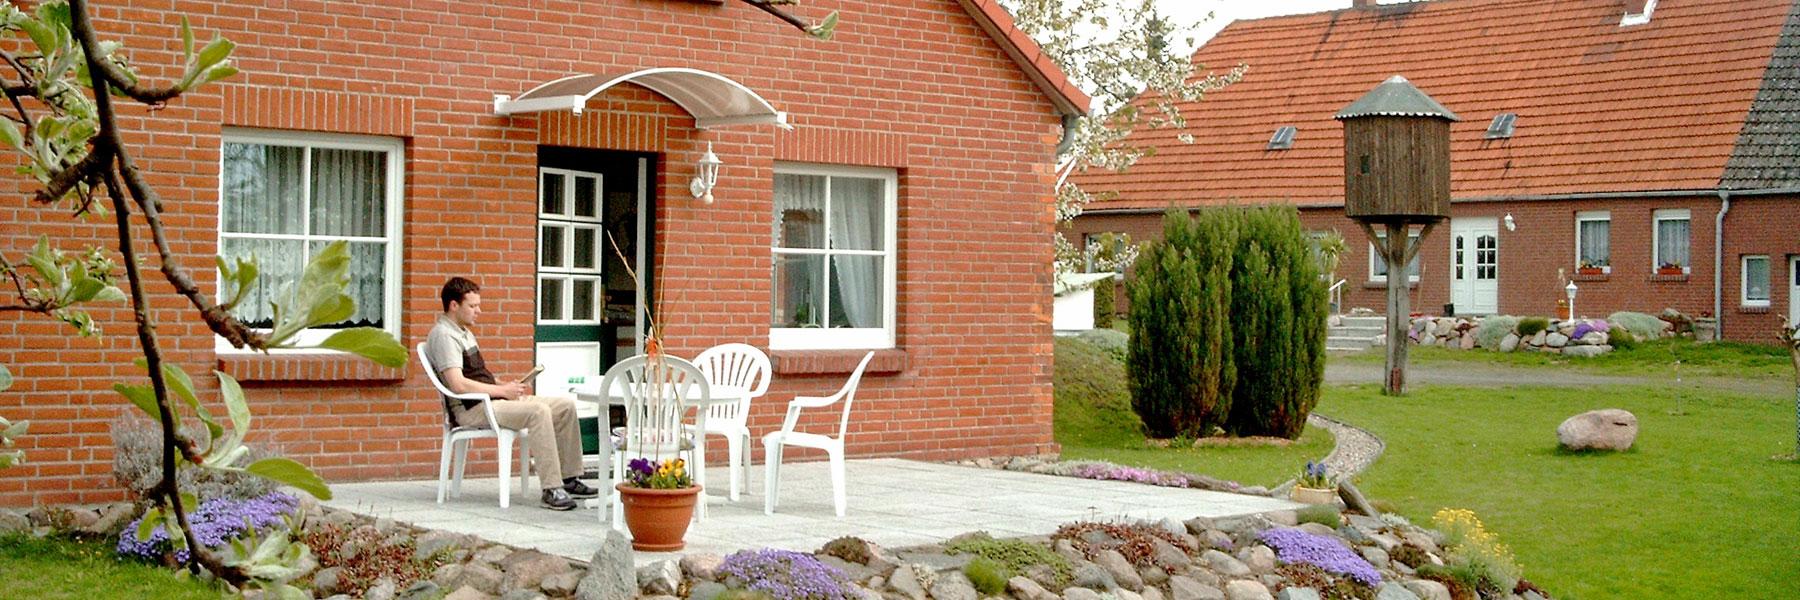 Terrasse Ferienwohnung1 - Fewo Steinhäuser